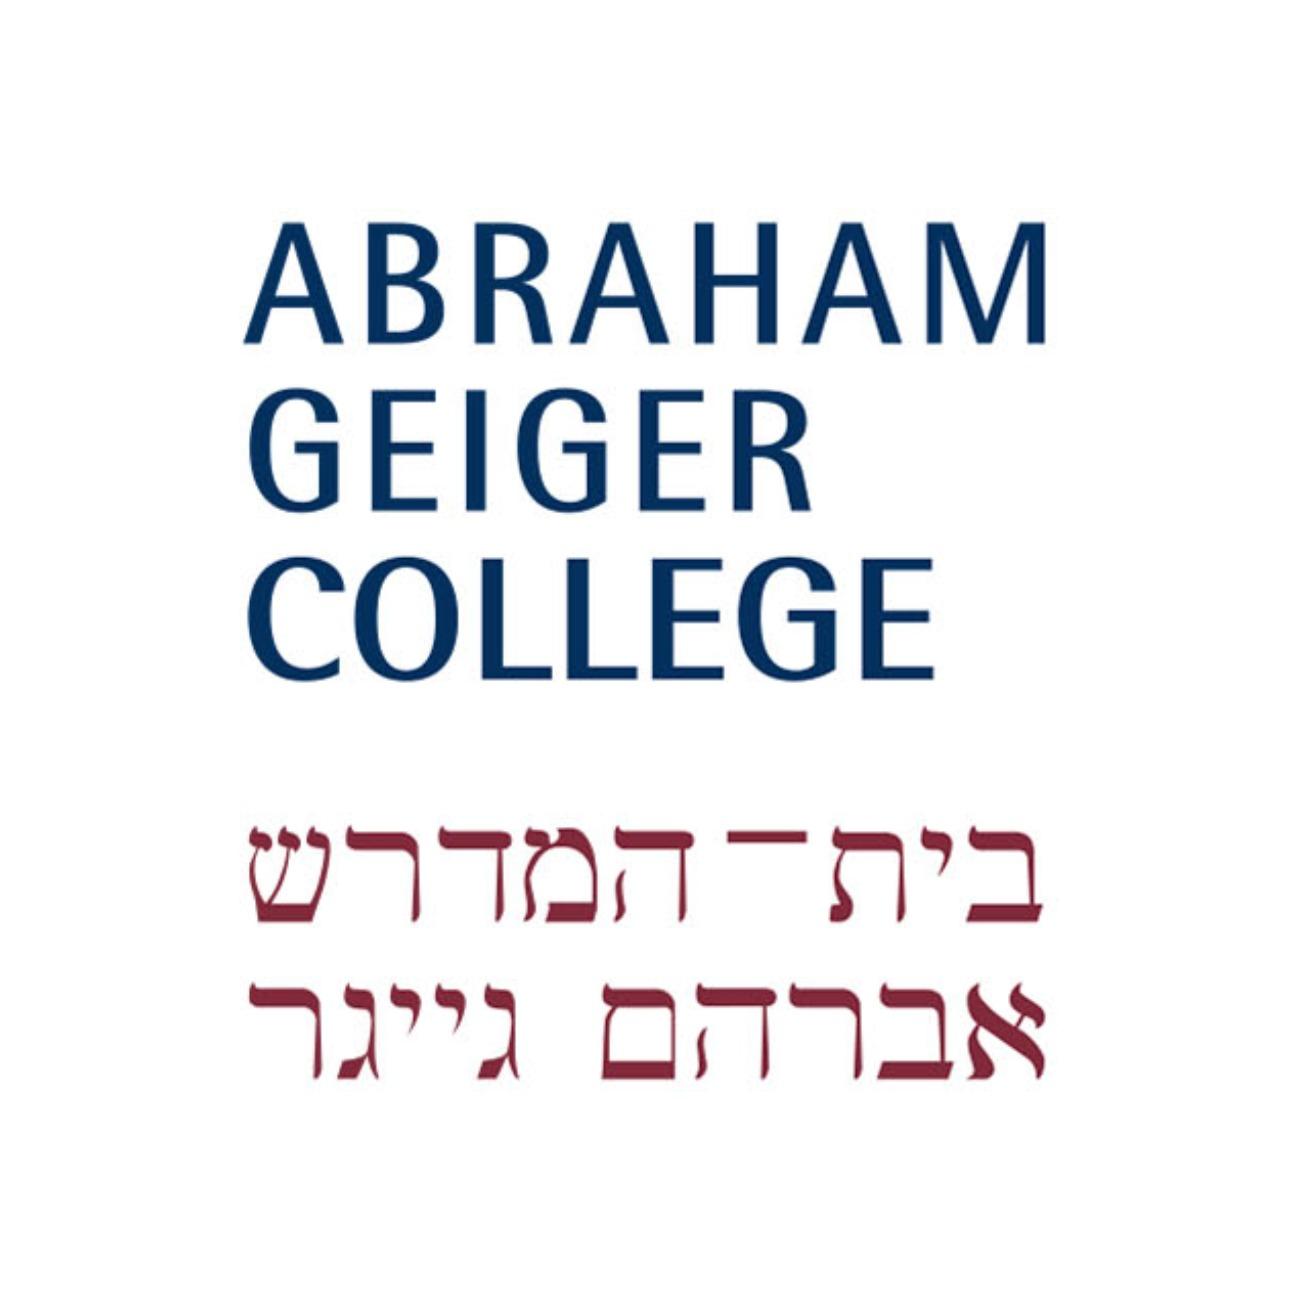 abraham geiger college logo